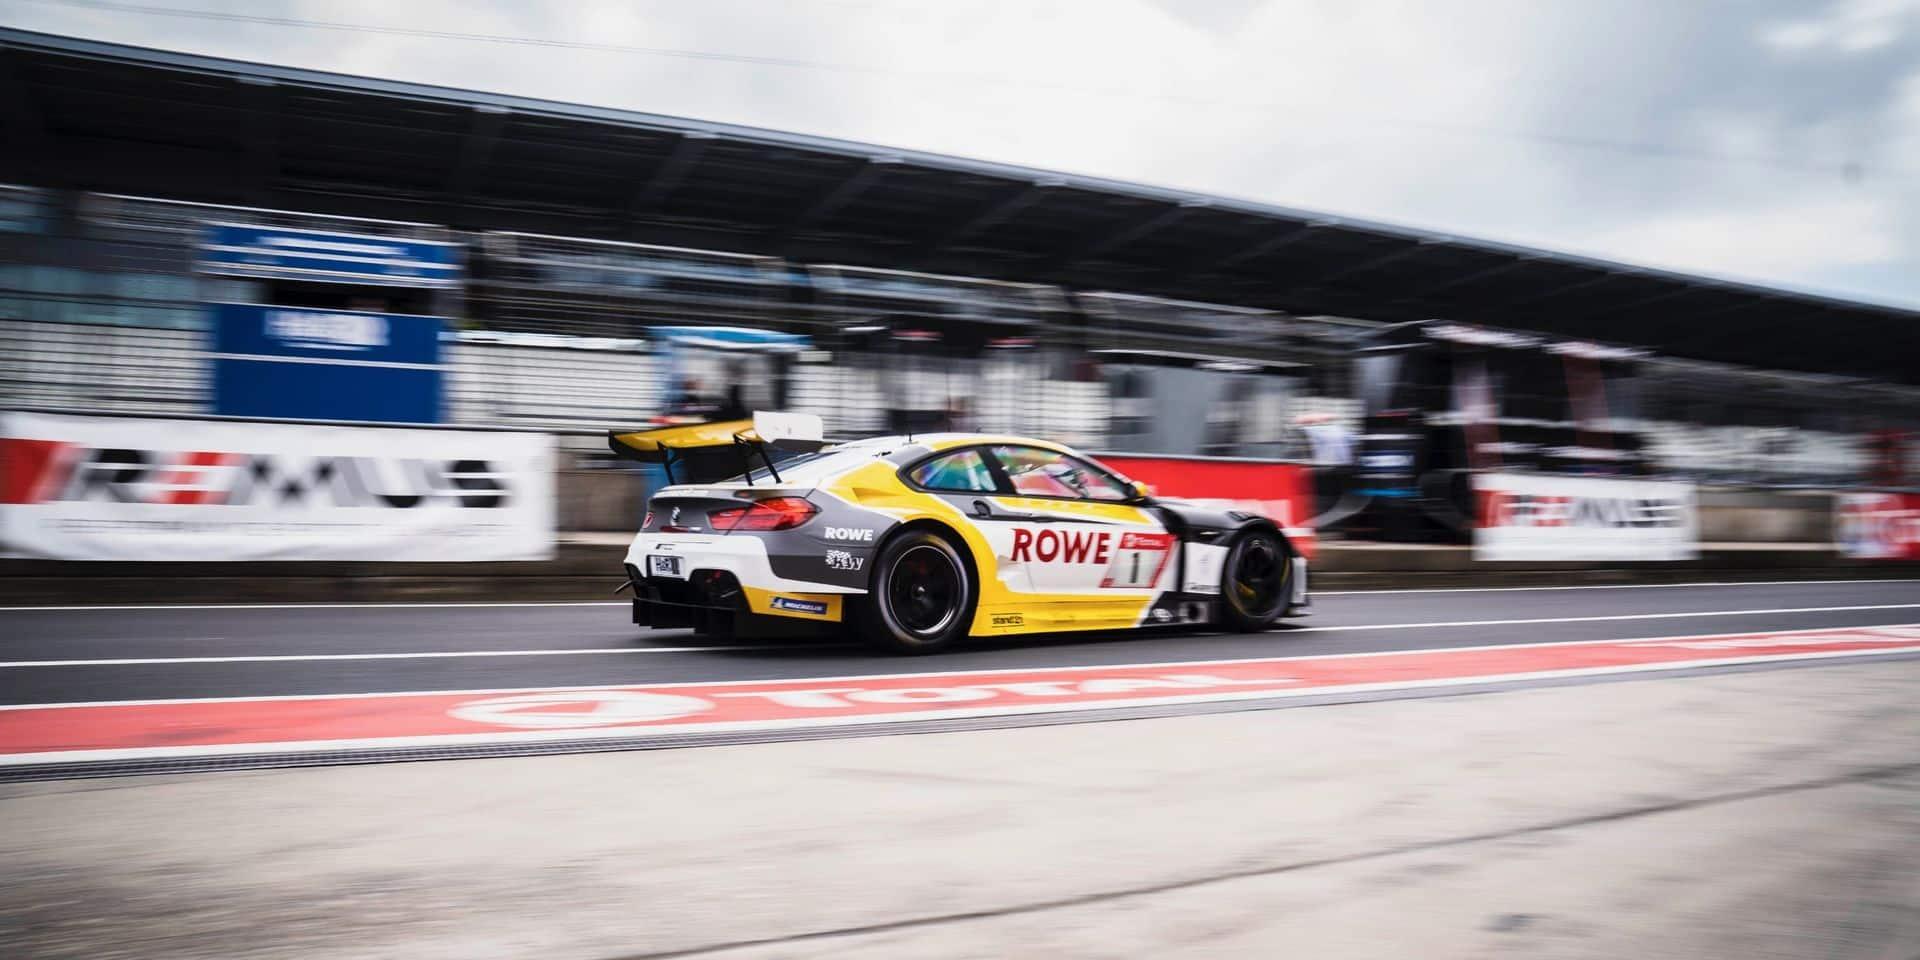 24H Nürburgring: pole pour BMW et Nick Yelloly, la Mercedes de Soulet partira 7e